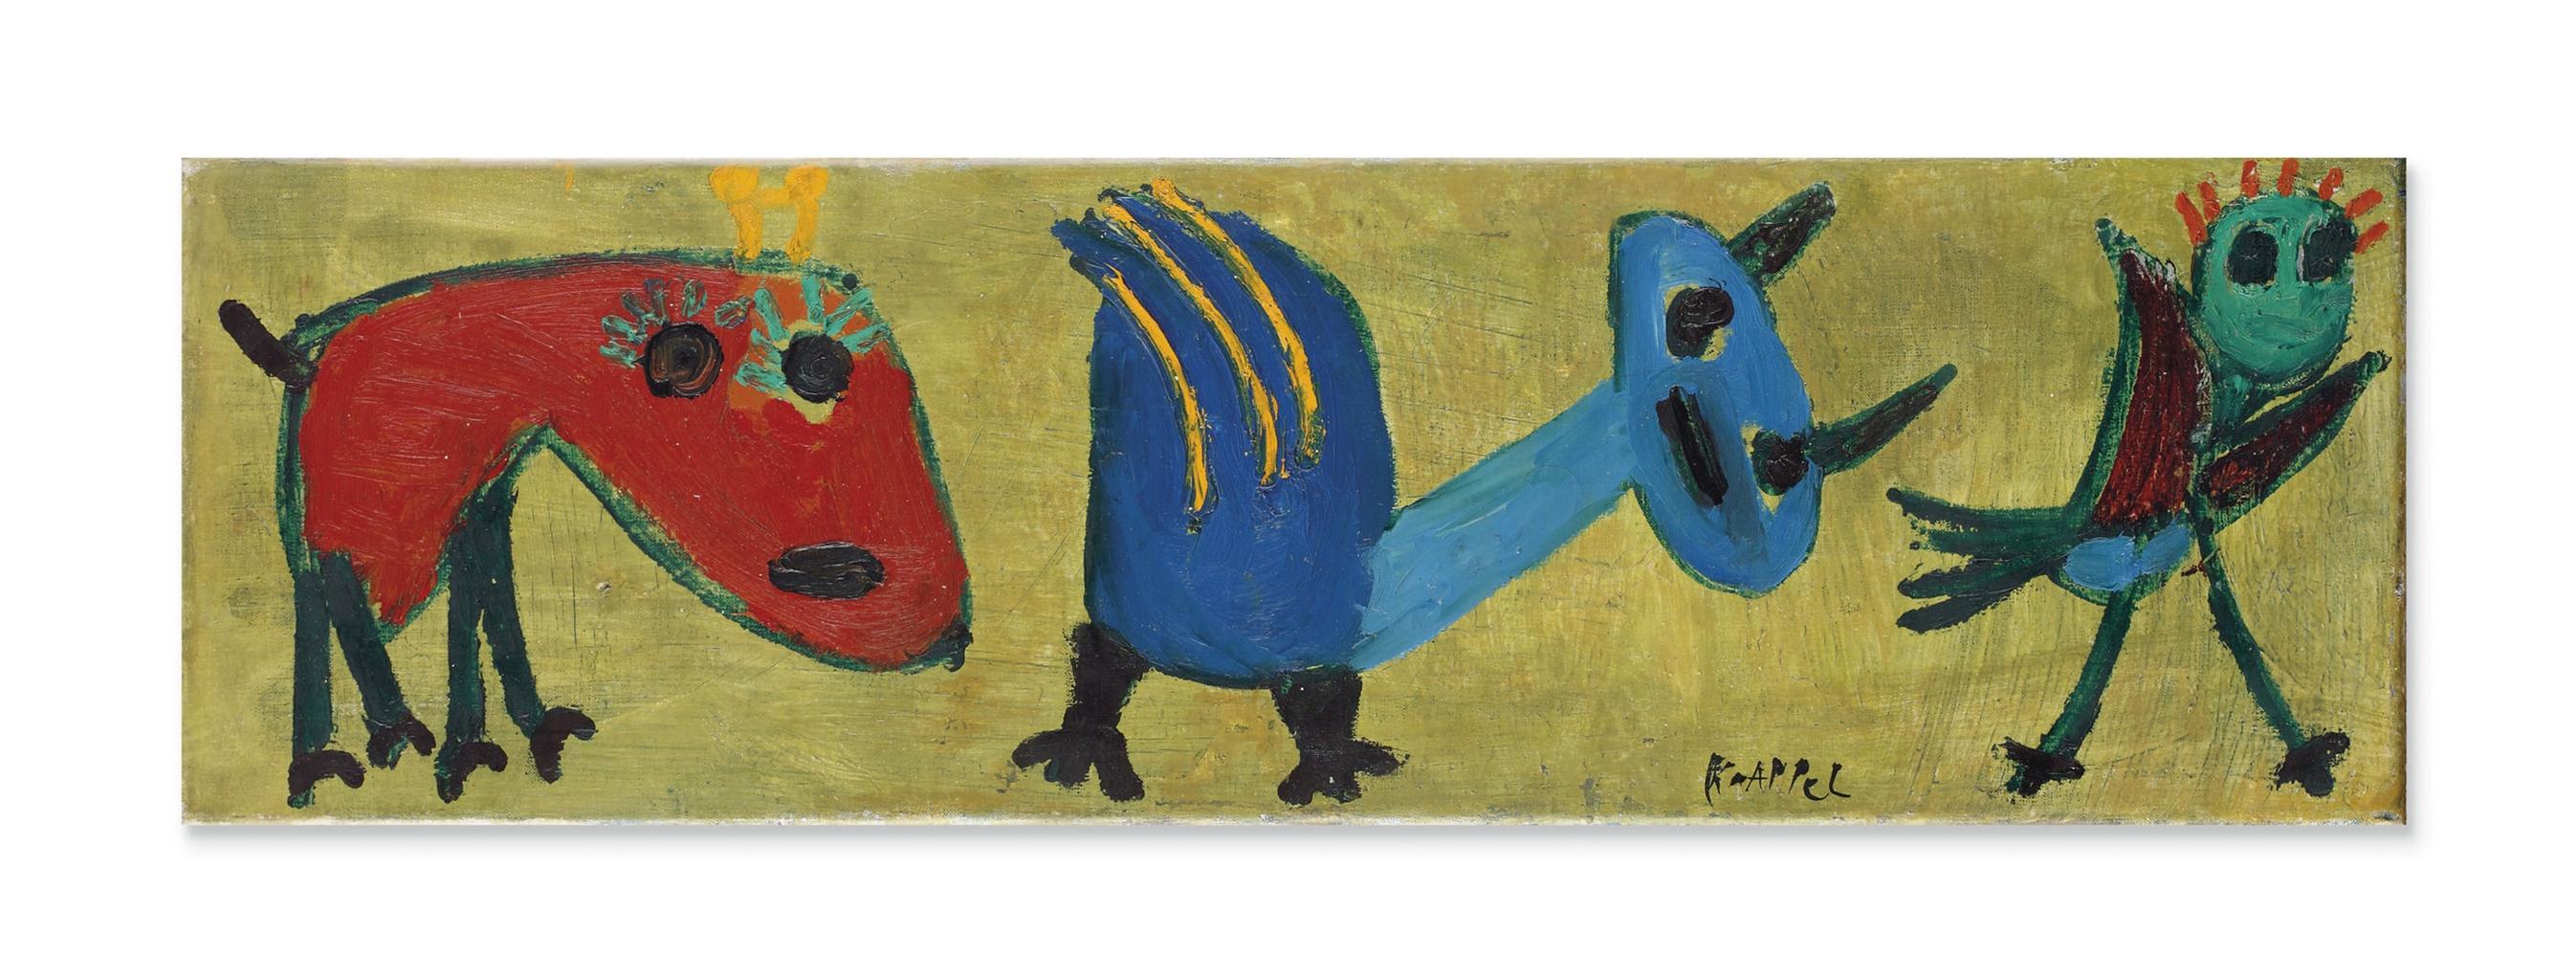 Karel Appel-Untitled (Kinderschilderij) (Childs Painting)-1951